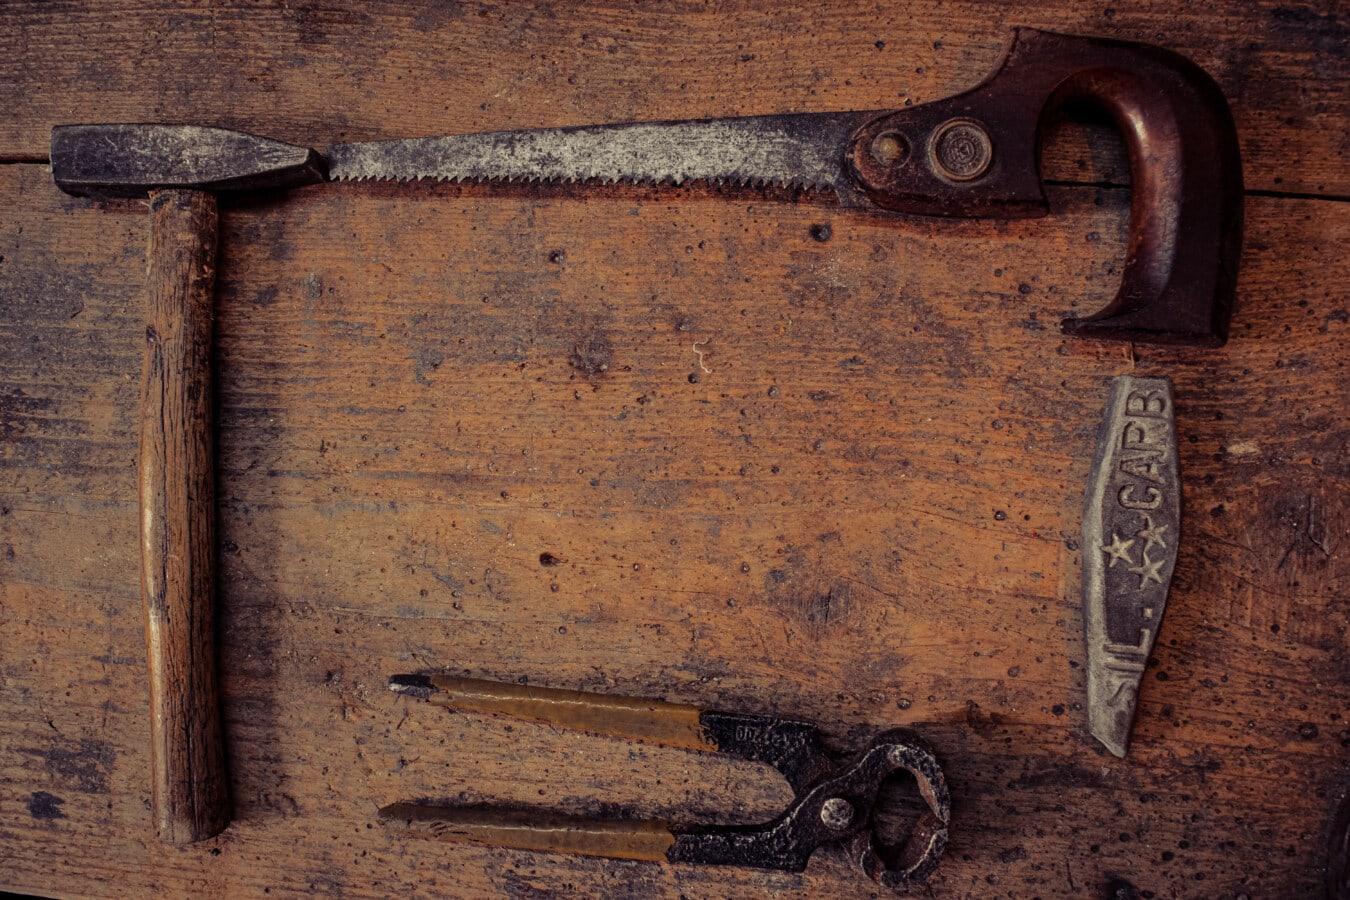 Atelier, atelier de réparation, menuiserie, outil, scie, outil à main, Hammer, lame, Pierre, tranchant